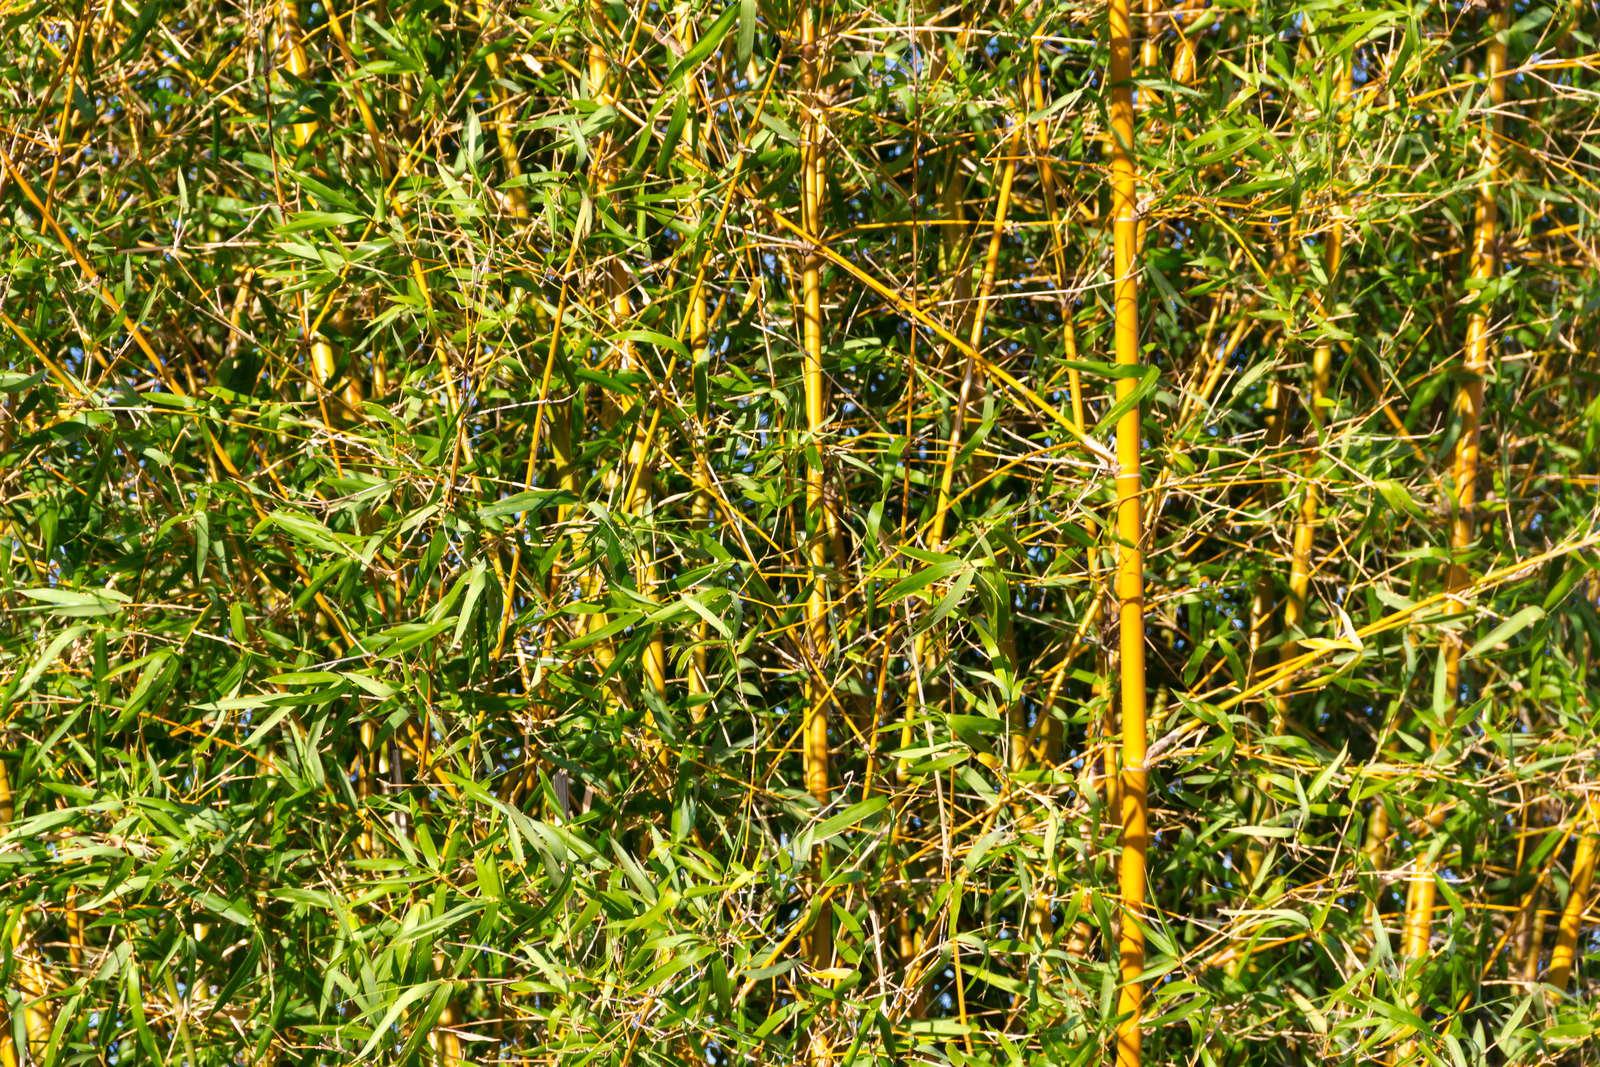 Bambus Eignet Sich Besonders Als Dekorativer Sichtschutz Oder Begrenzung  Des Gartenteichs [Foto: Gabriela Bertolini/ Shutterstock.com]